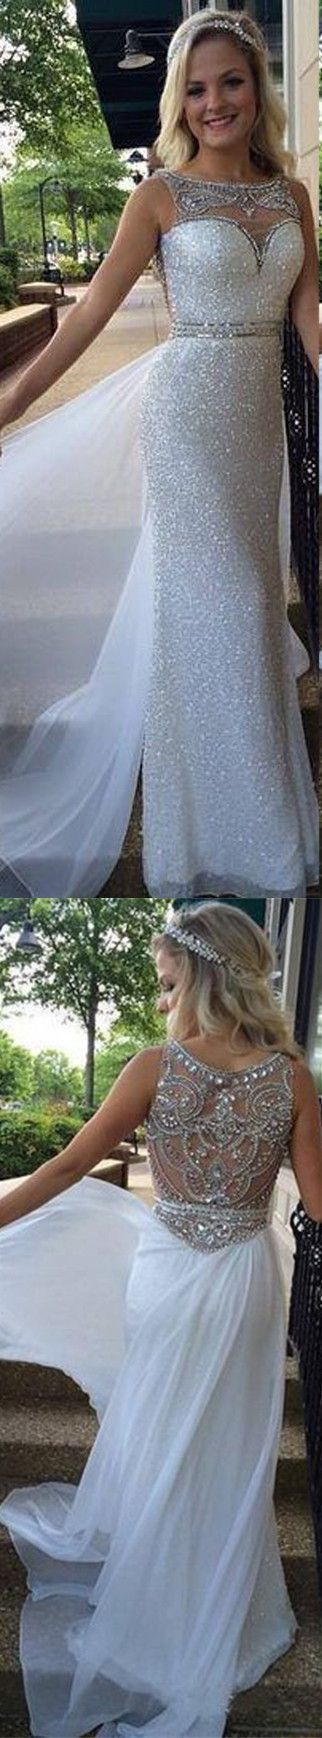 long prom dress ,2017 prom dress, mermaid prom dress,prom,plus size prom dresses